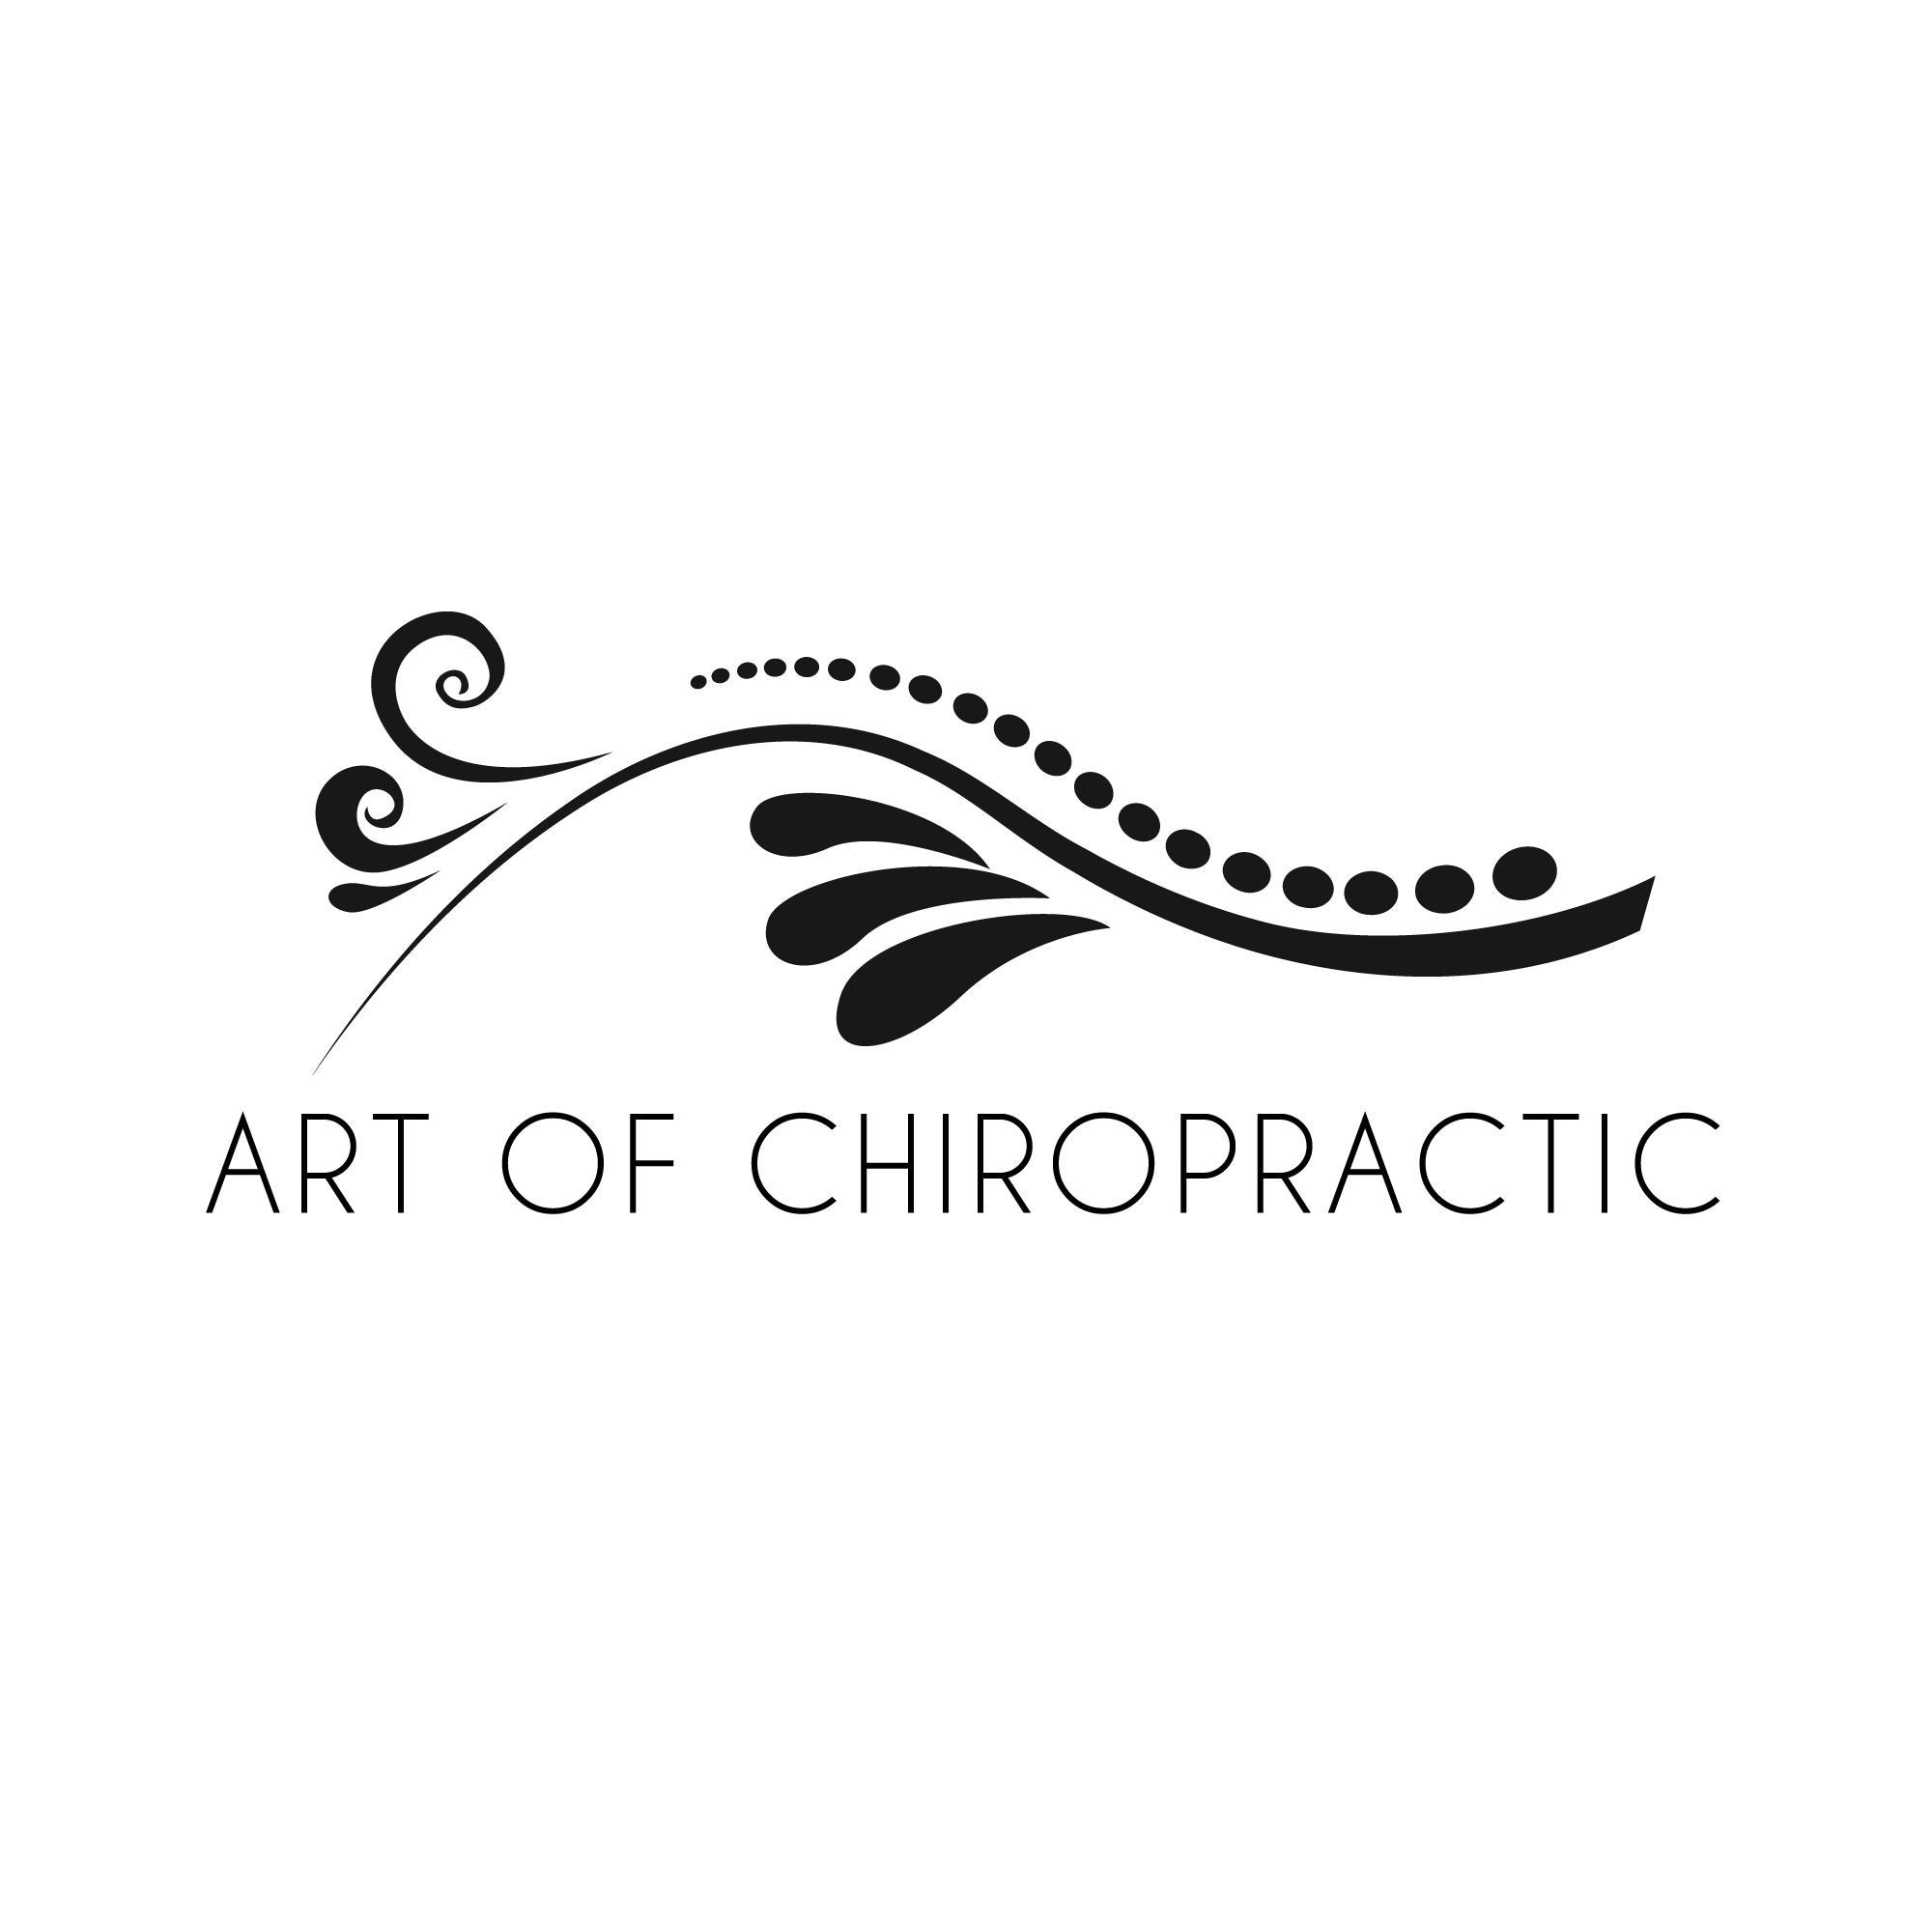 art-of-chiropractic